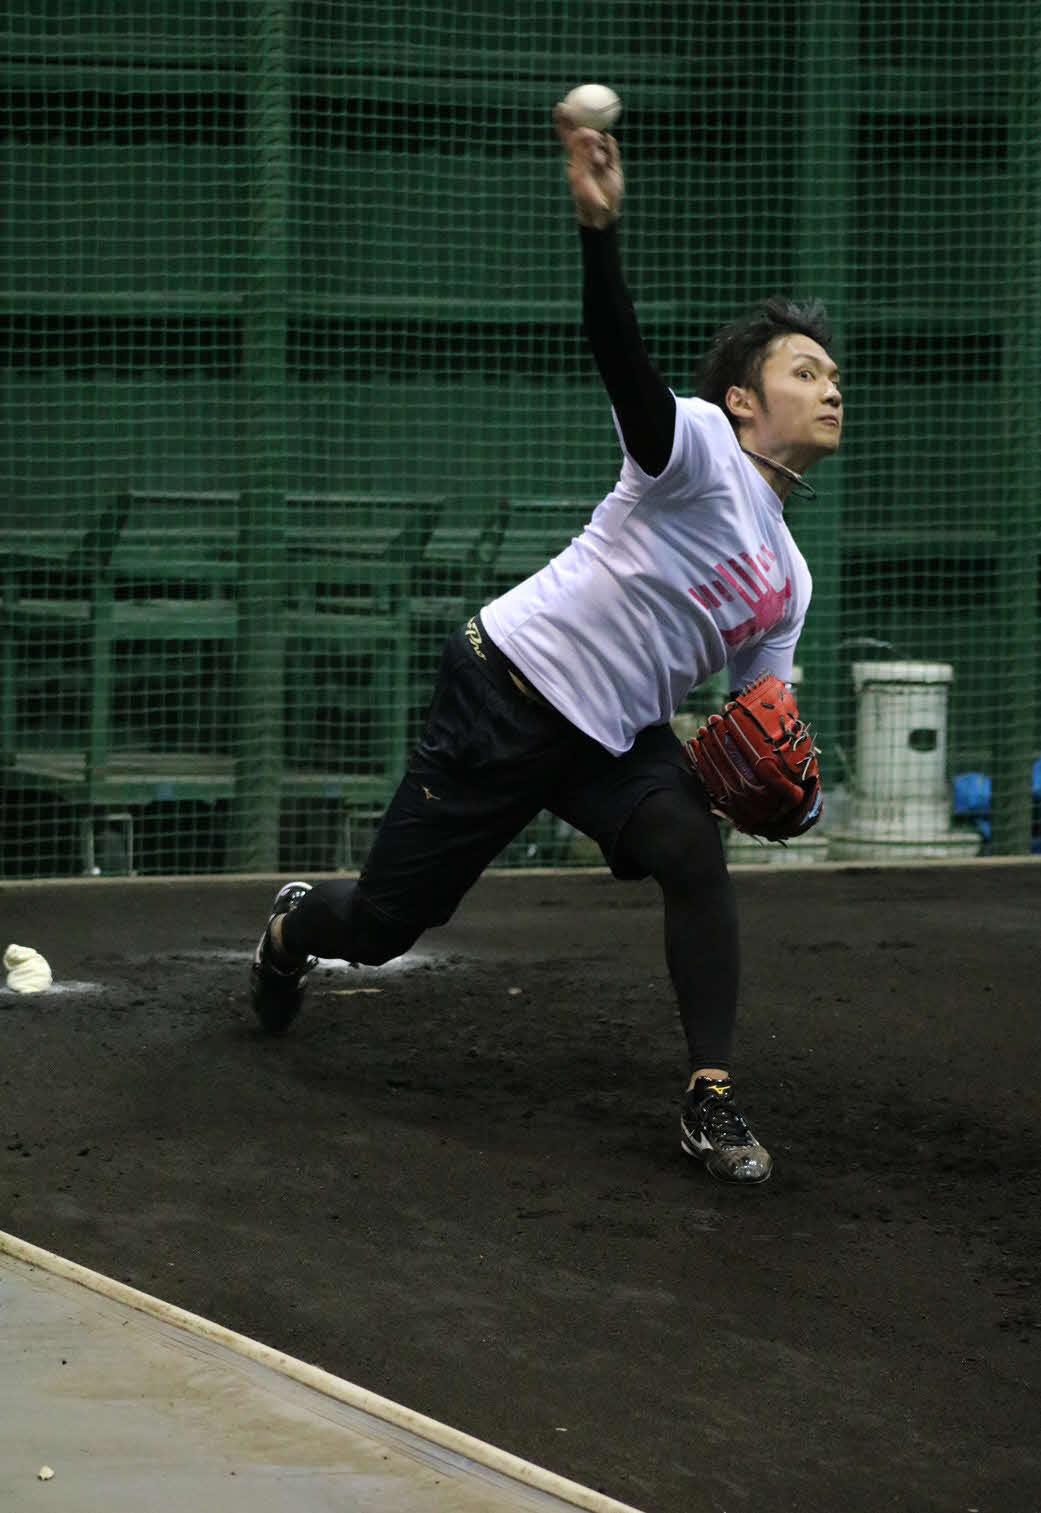 新人合同自主トレで初めて捕手を座らせて投球練習した日本ハムのドラフト1位伊藤(球団提供)